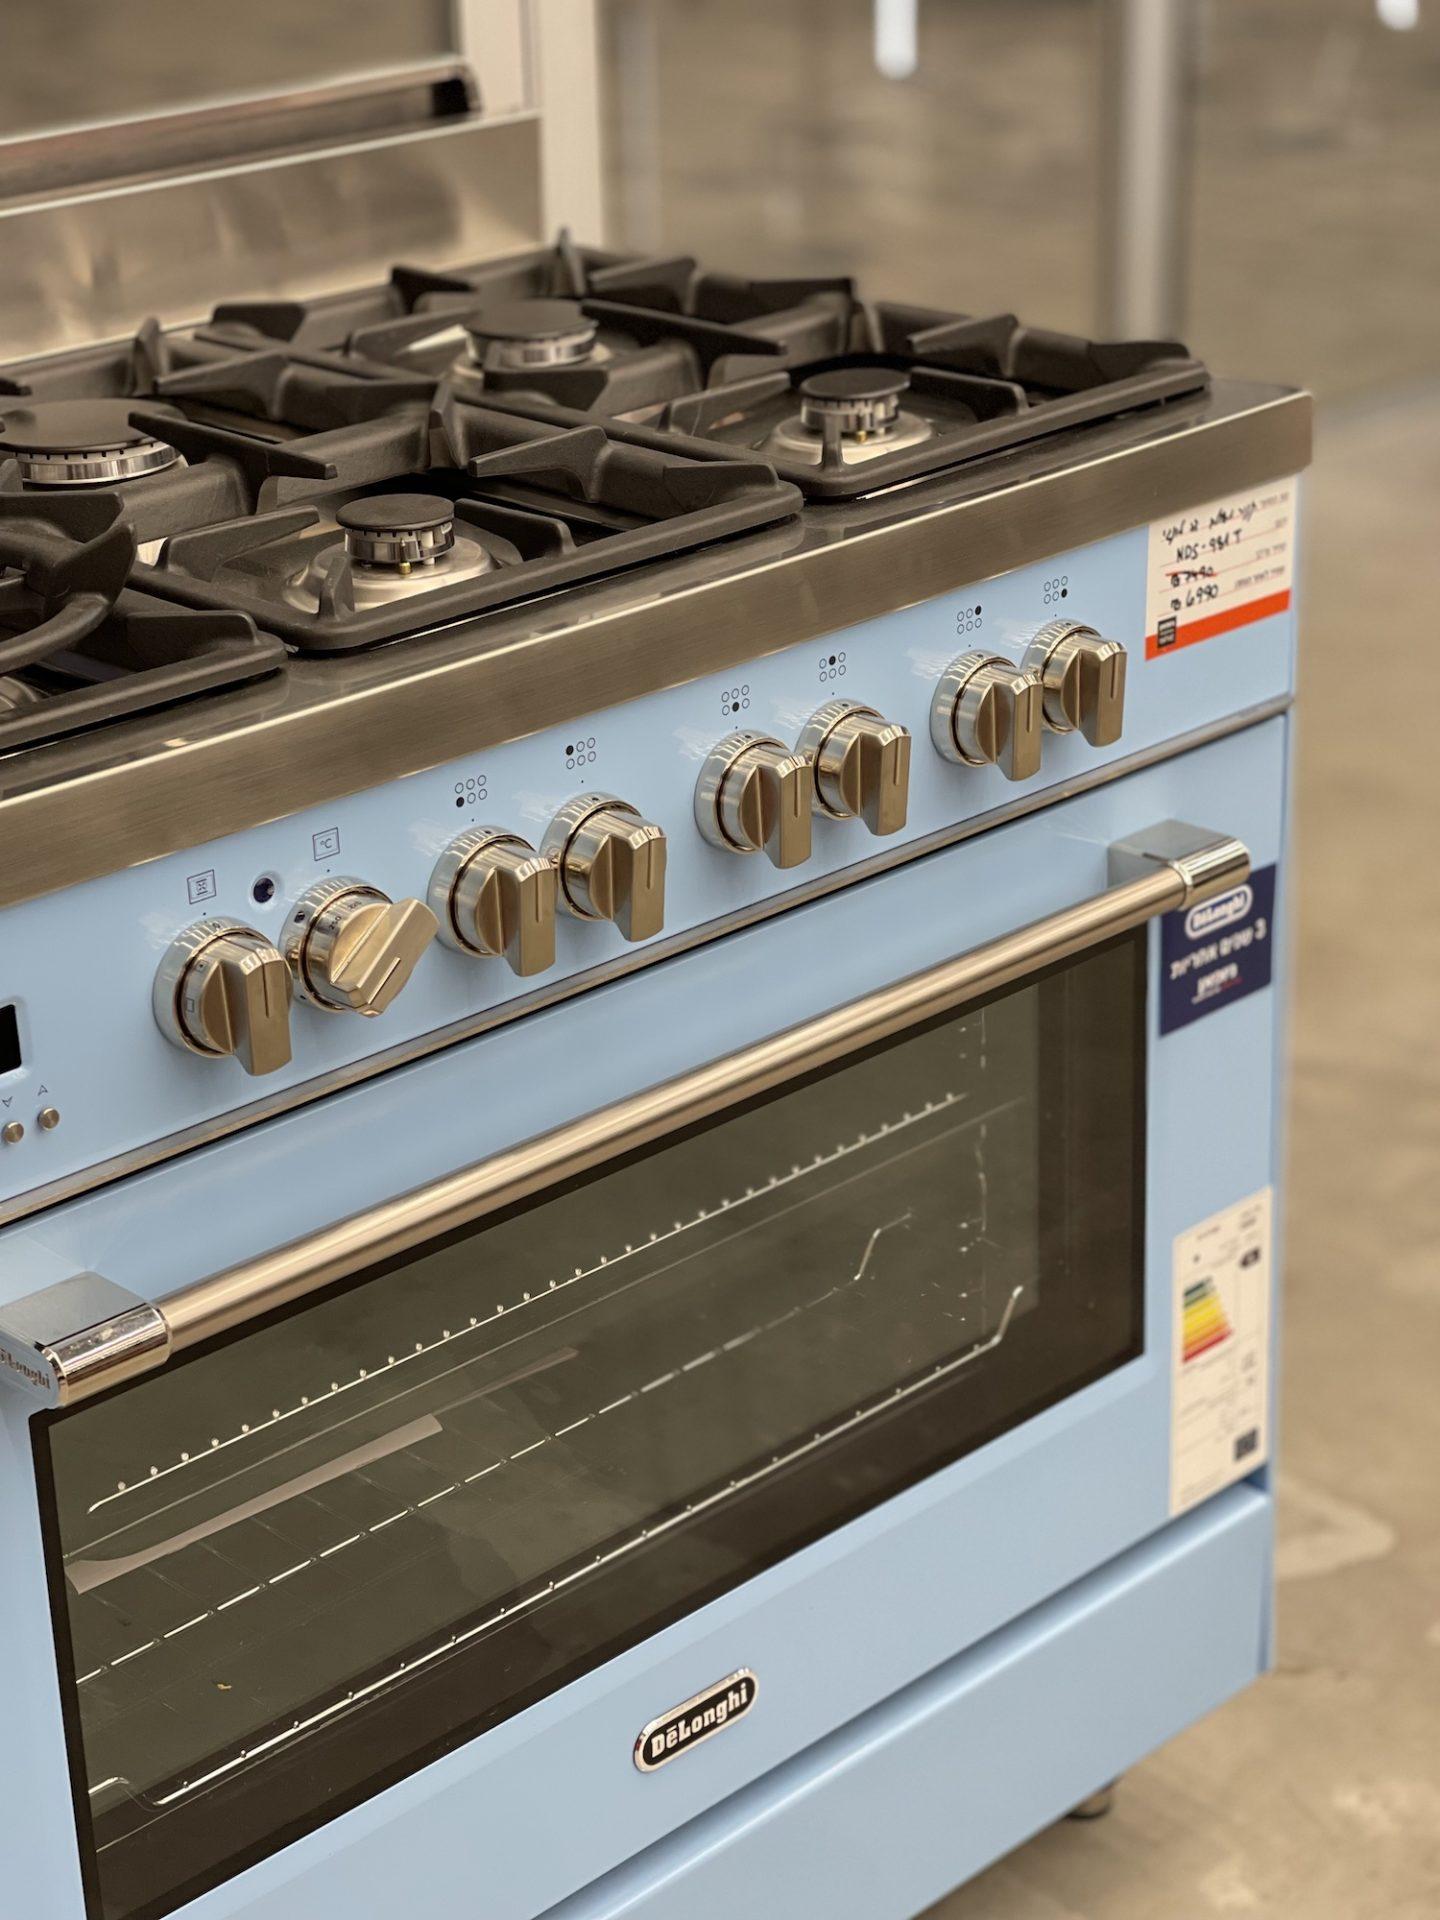 תנור עומד בסגנון וינטג׳ דלונגי ניופאן גורמה במתחם העיצוב רידיזיין redesign11